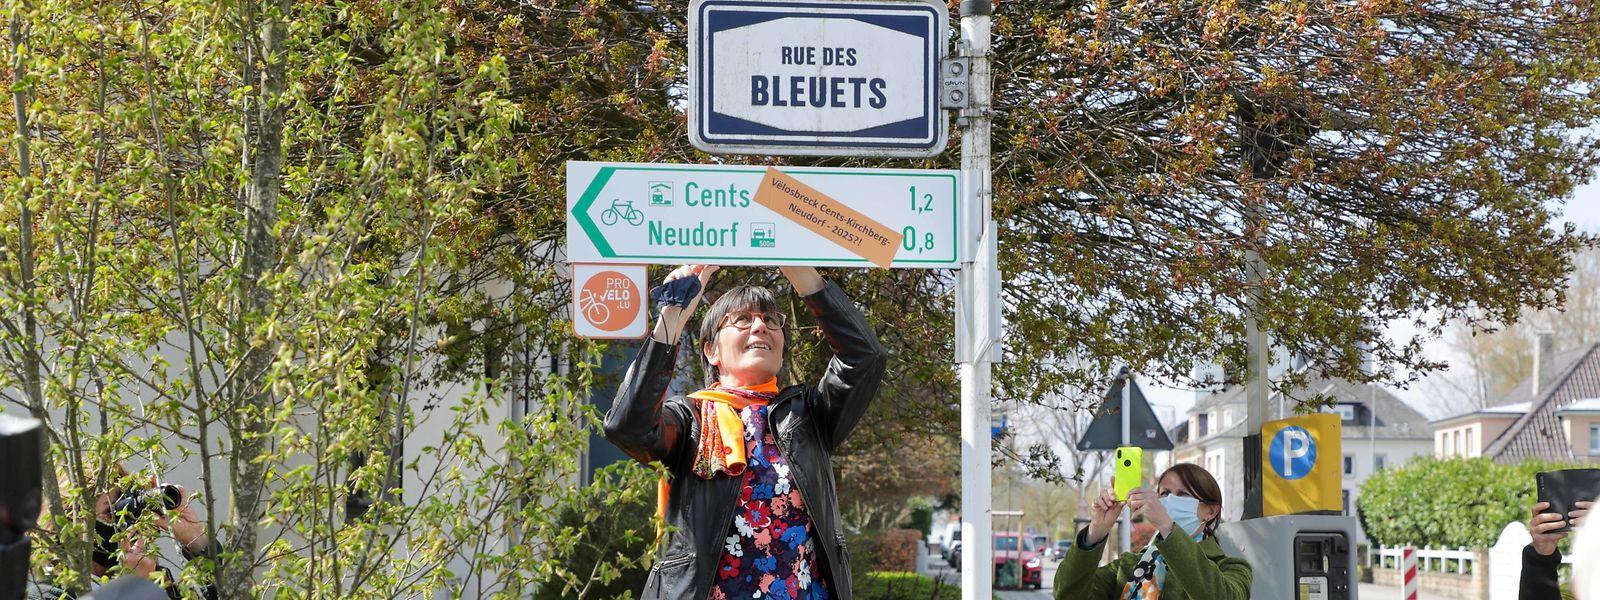 Für Radfahrer und Fußgänger soll der Weg zwischen Kirchberg und Cents in Zukunft nur noch 1,2 Kilometer lang sein.